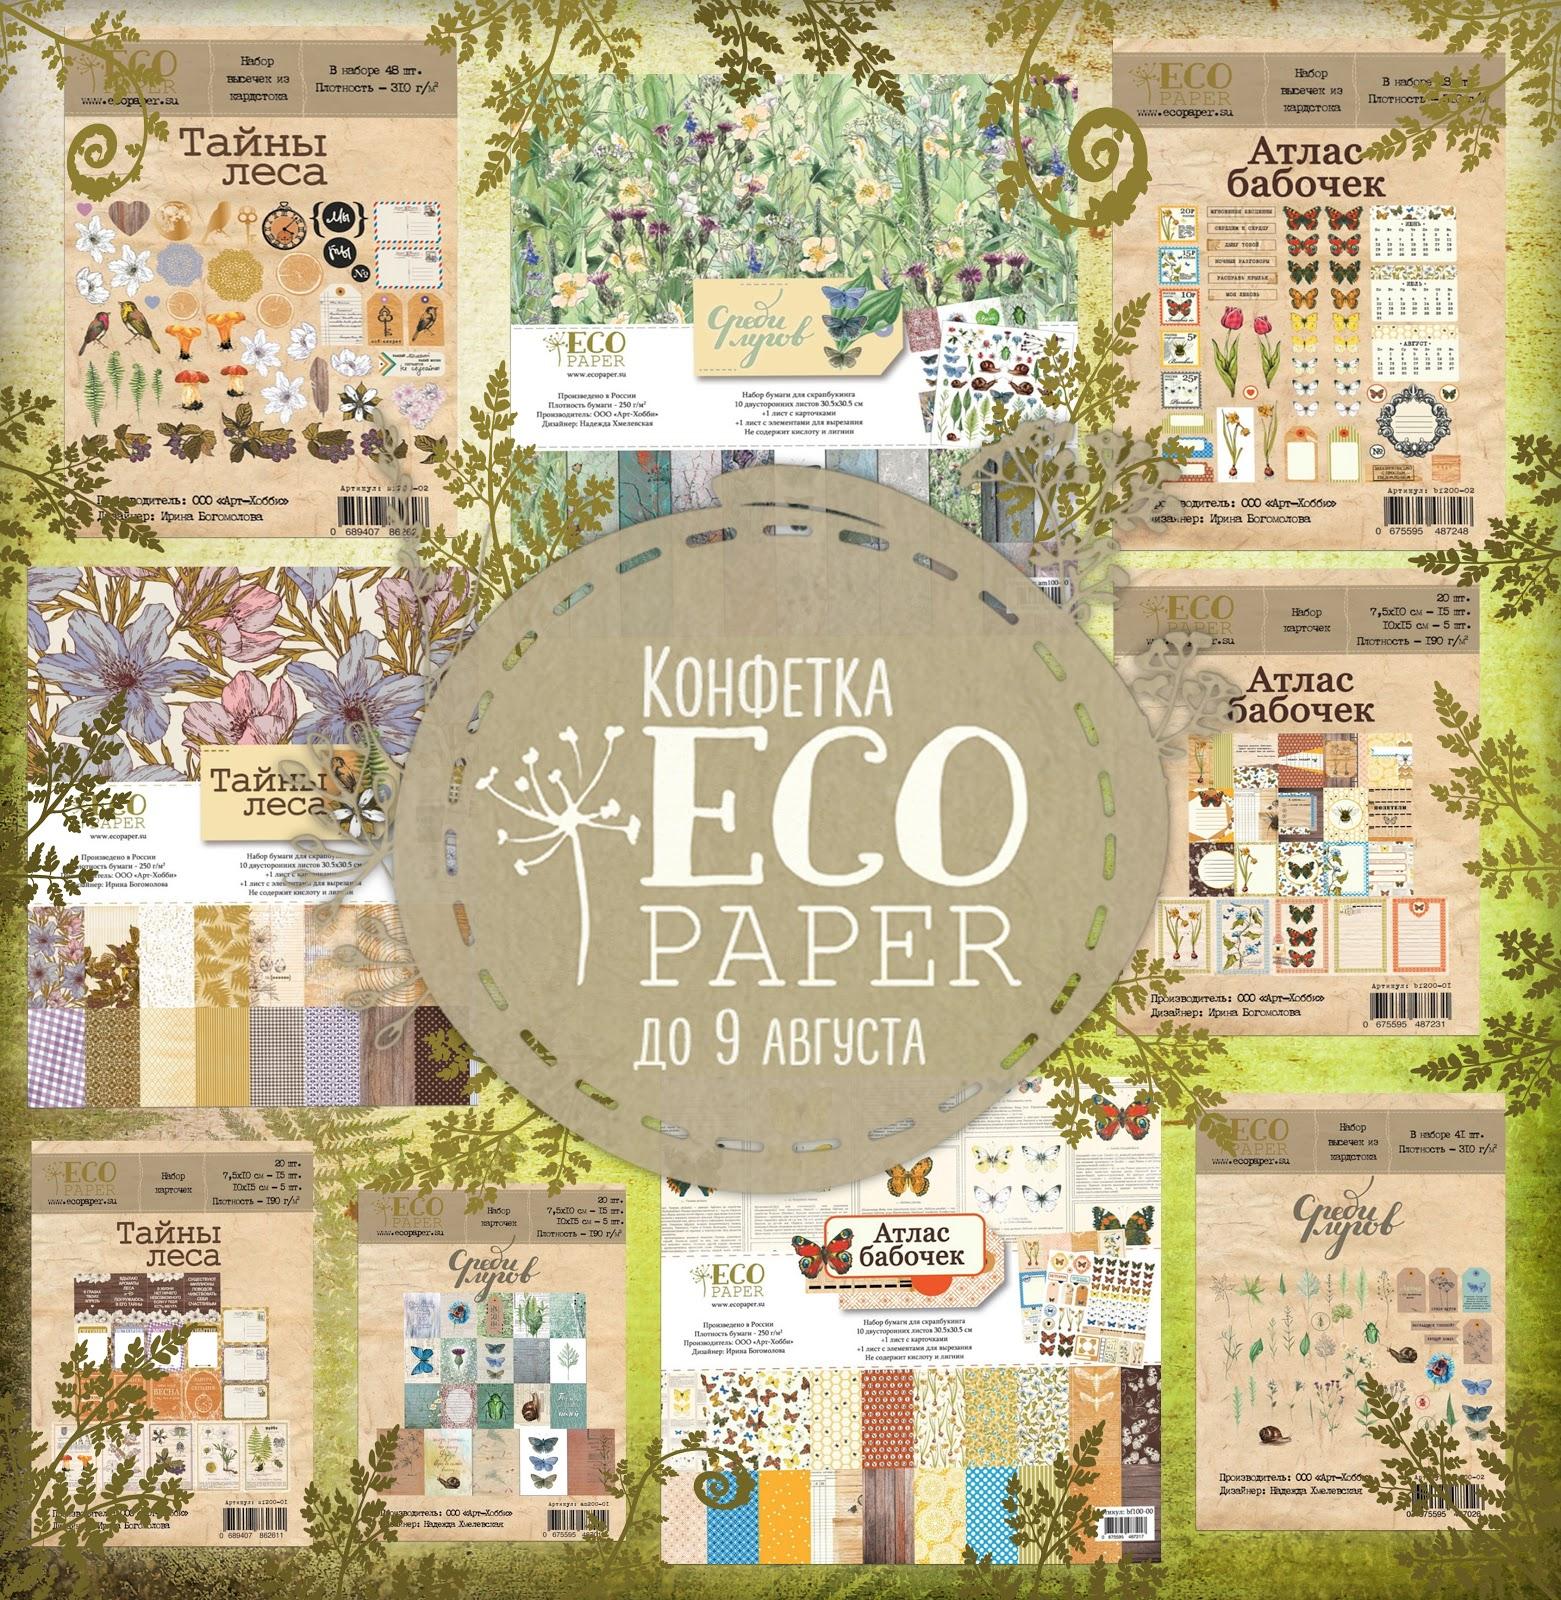 Конфетка Eco Paper